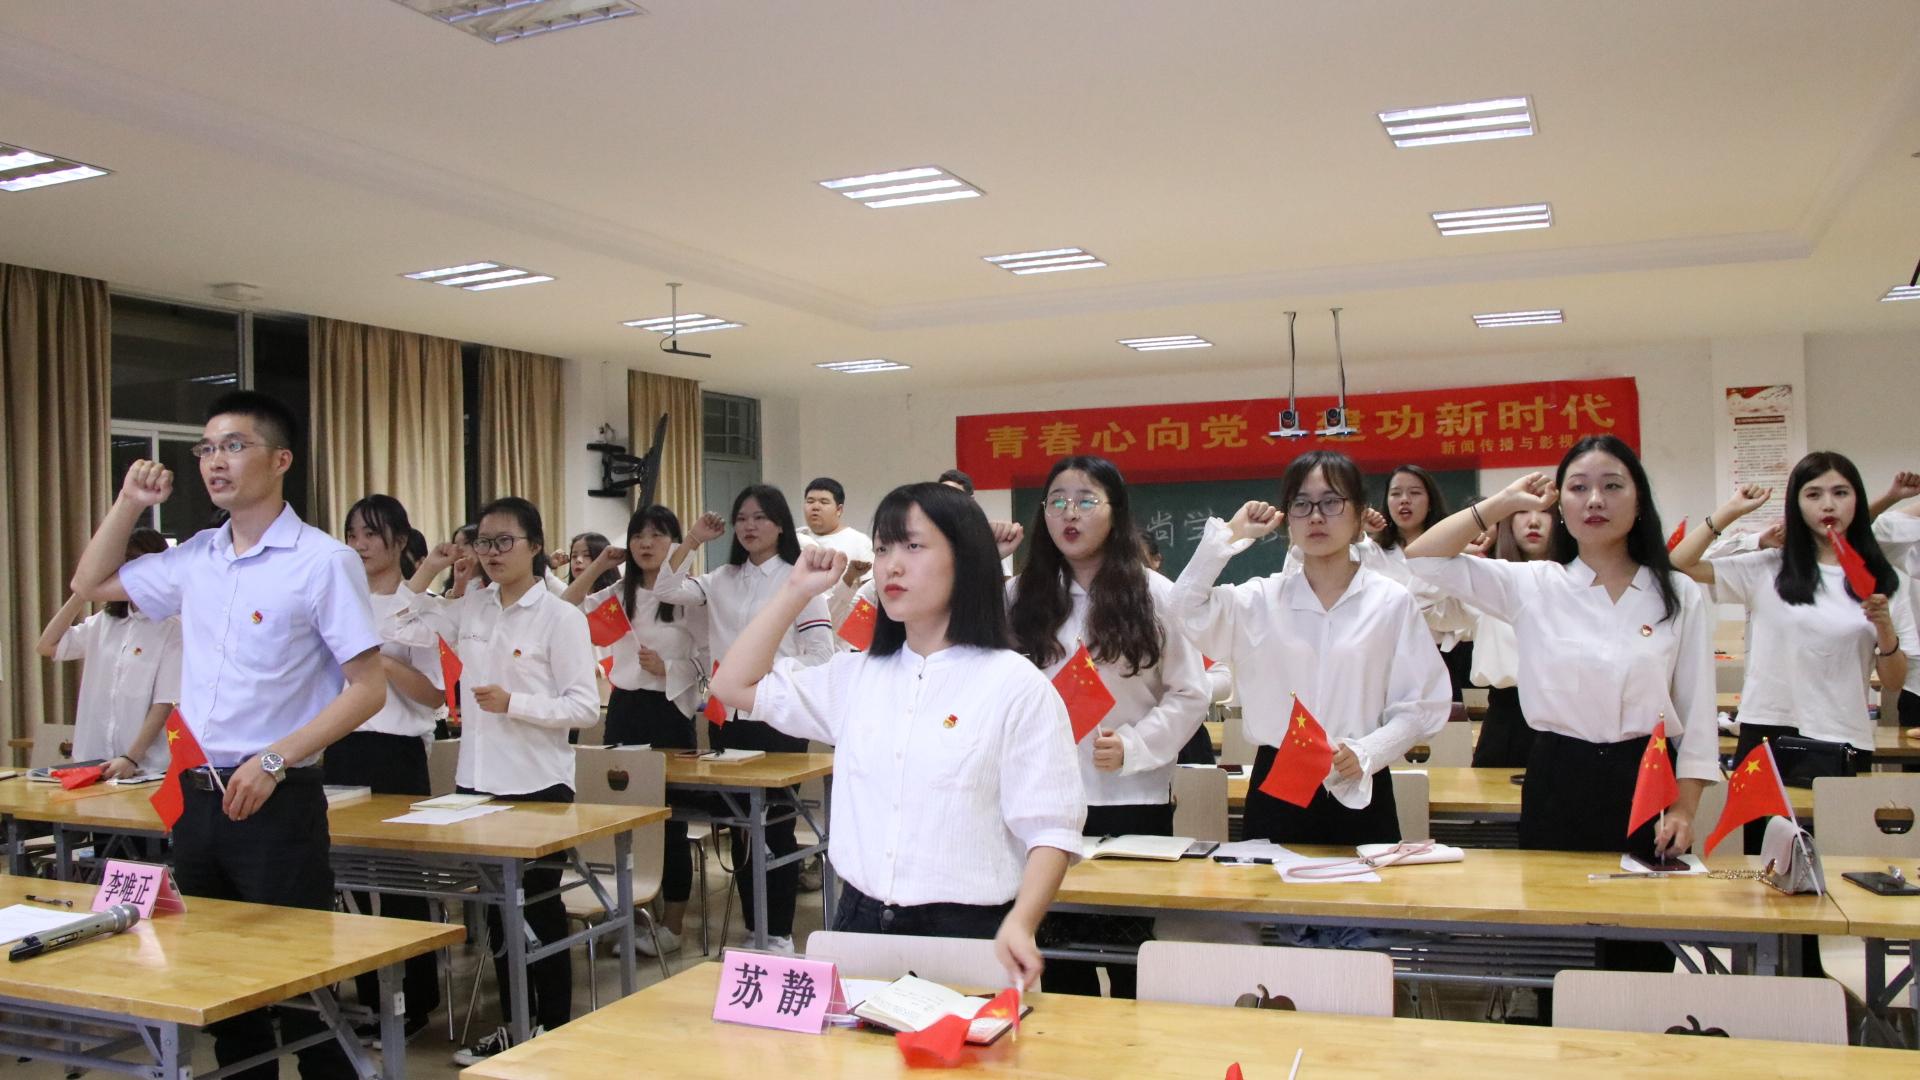 江西十一选五全天计划团委举办团日活动学习习总书记讲话精神